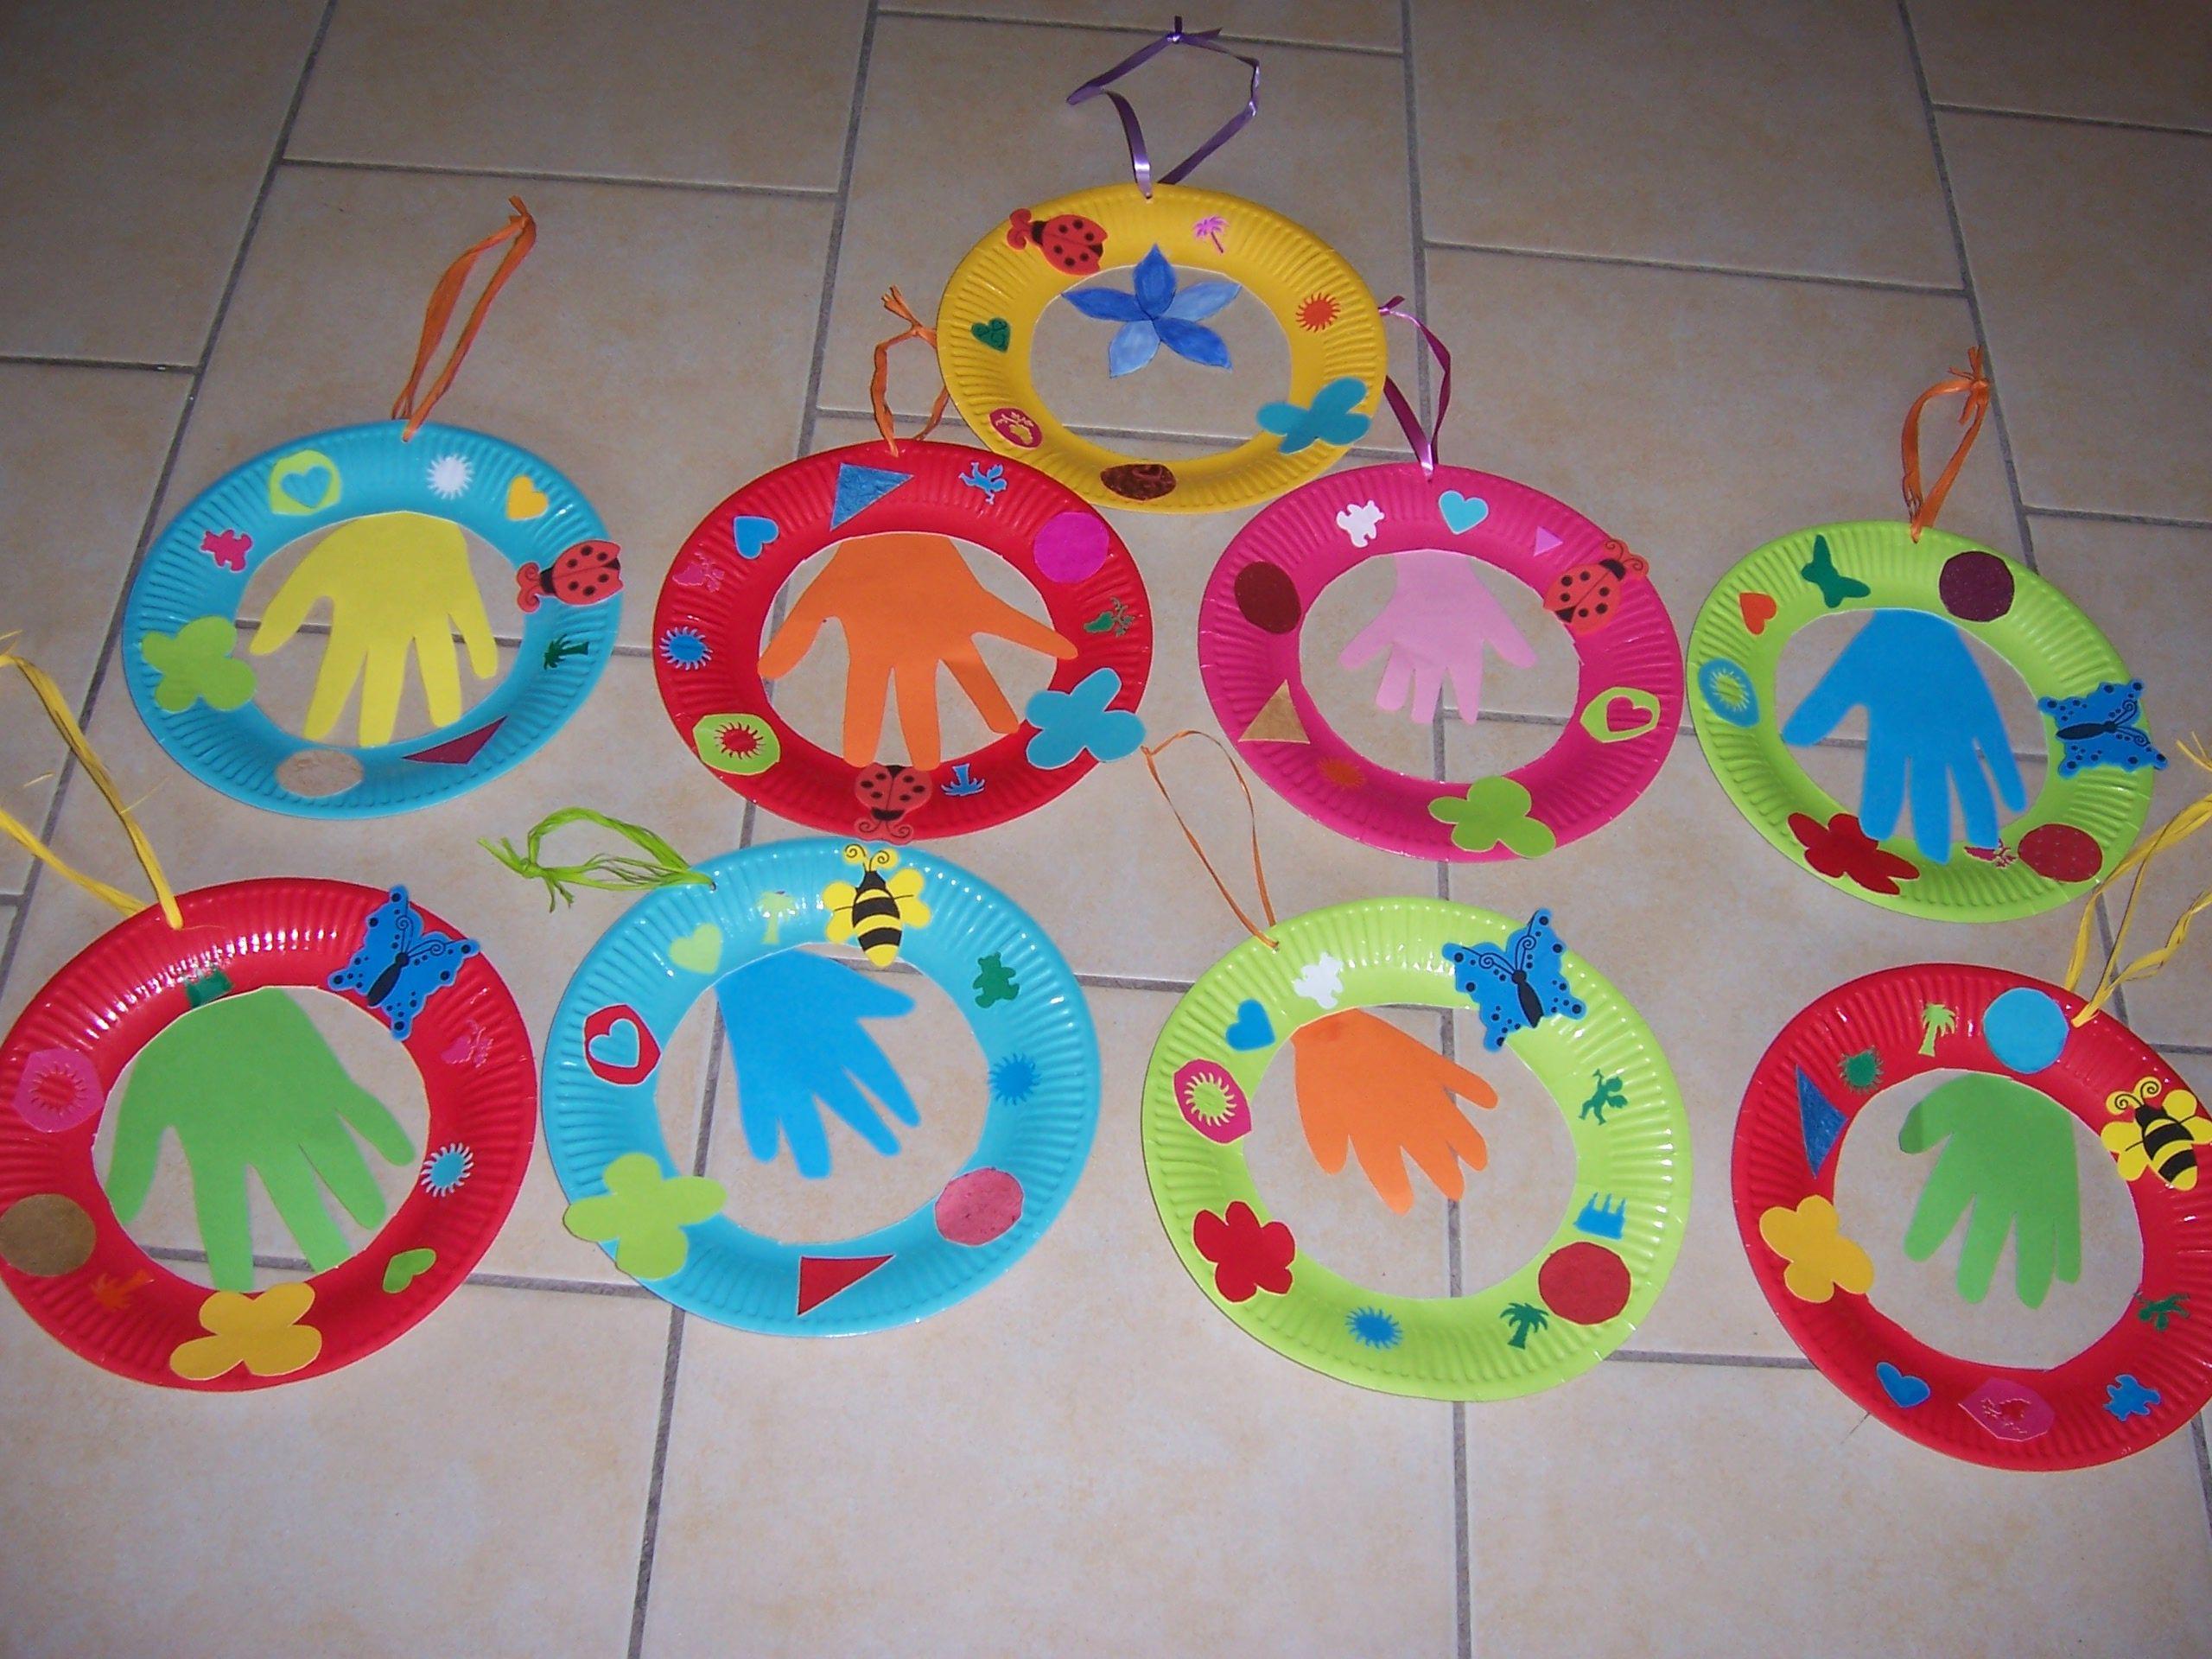 Assiette de printemps bricolage fait a la maison par les enfants - Bricolage de printemps ...